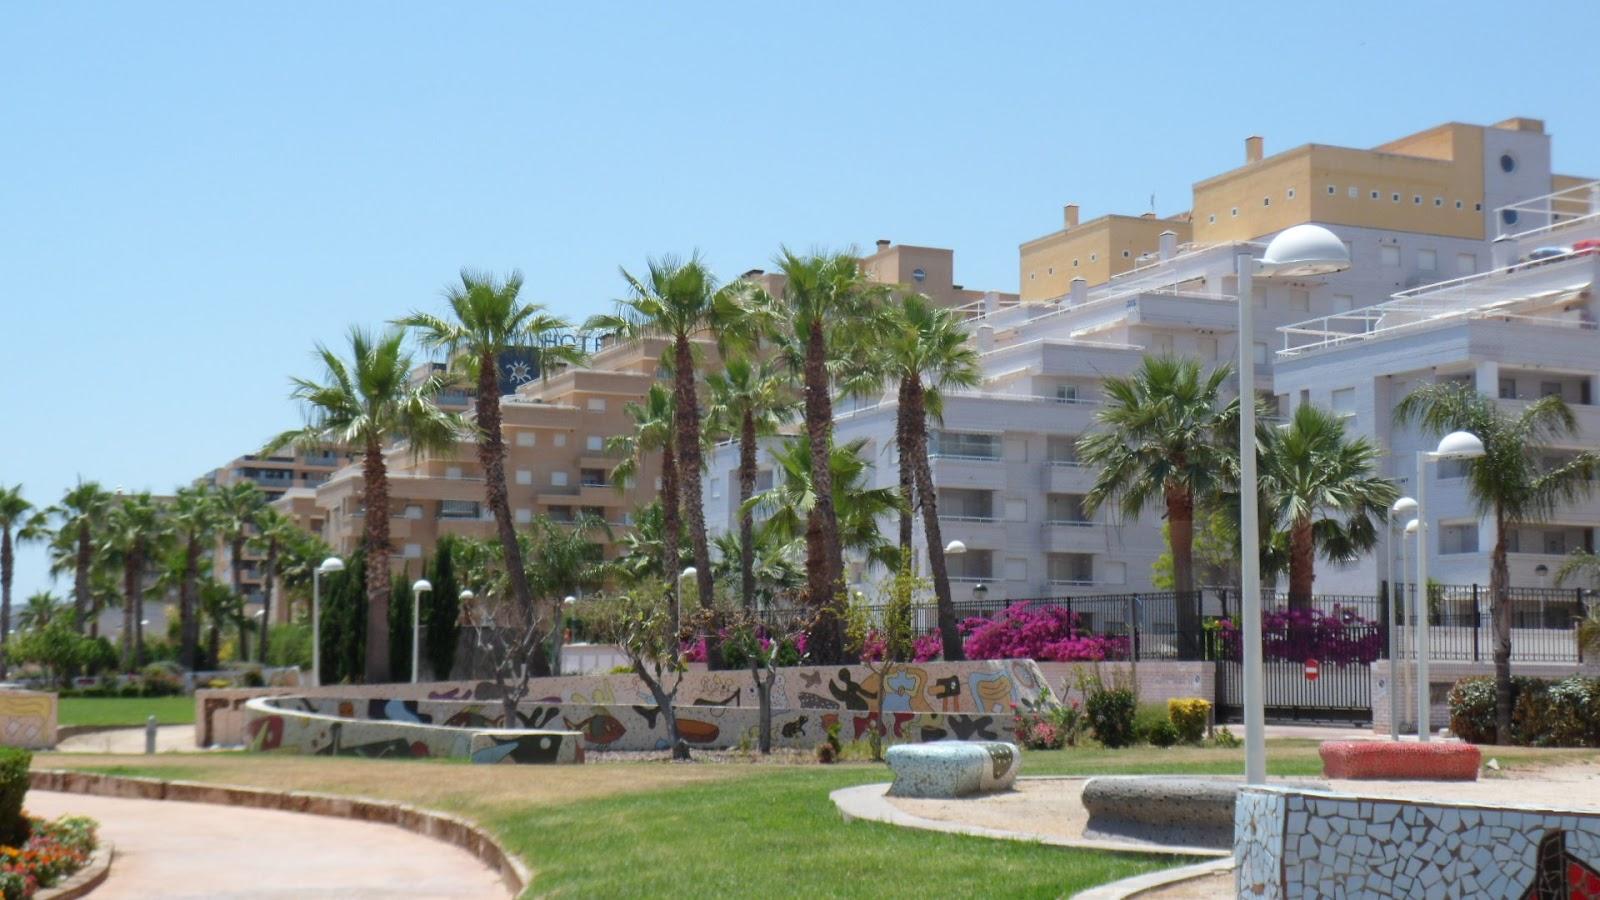 Alquilar apartamento en la playa promociones - Alquilar apartamento vacaciones ...